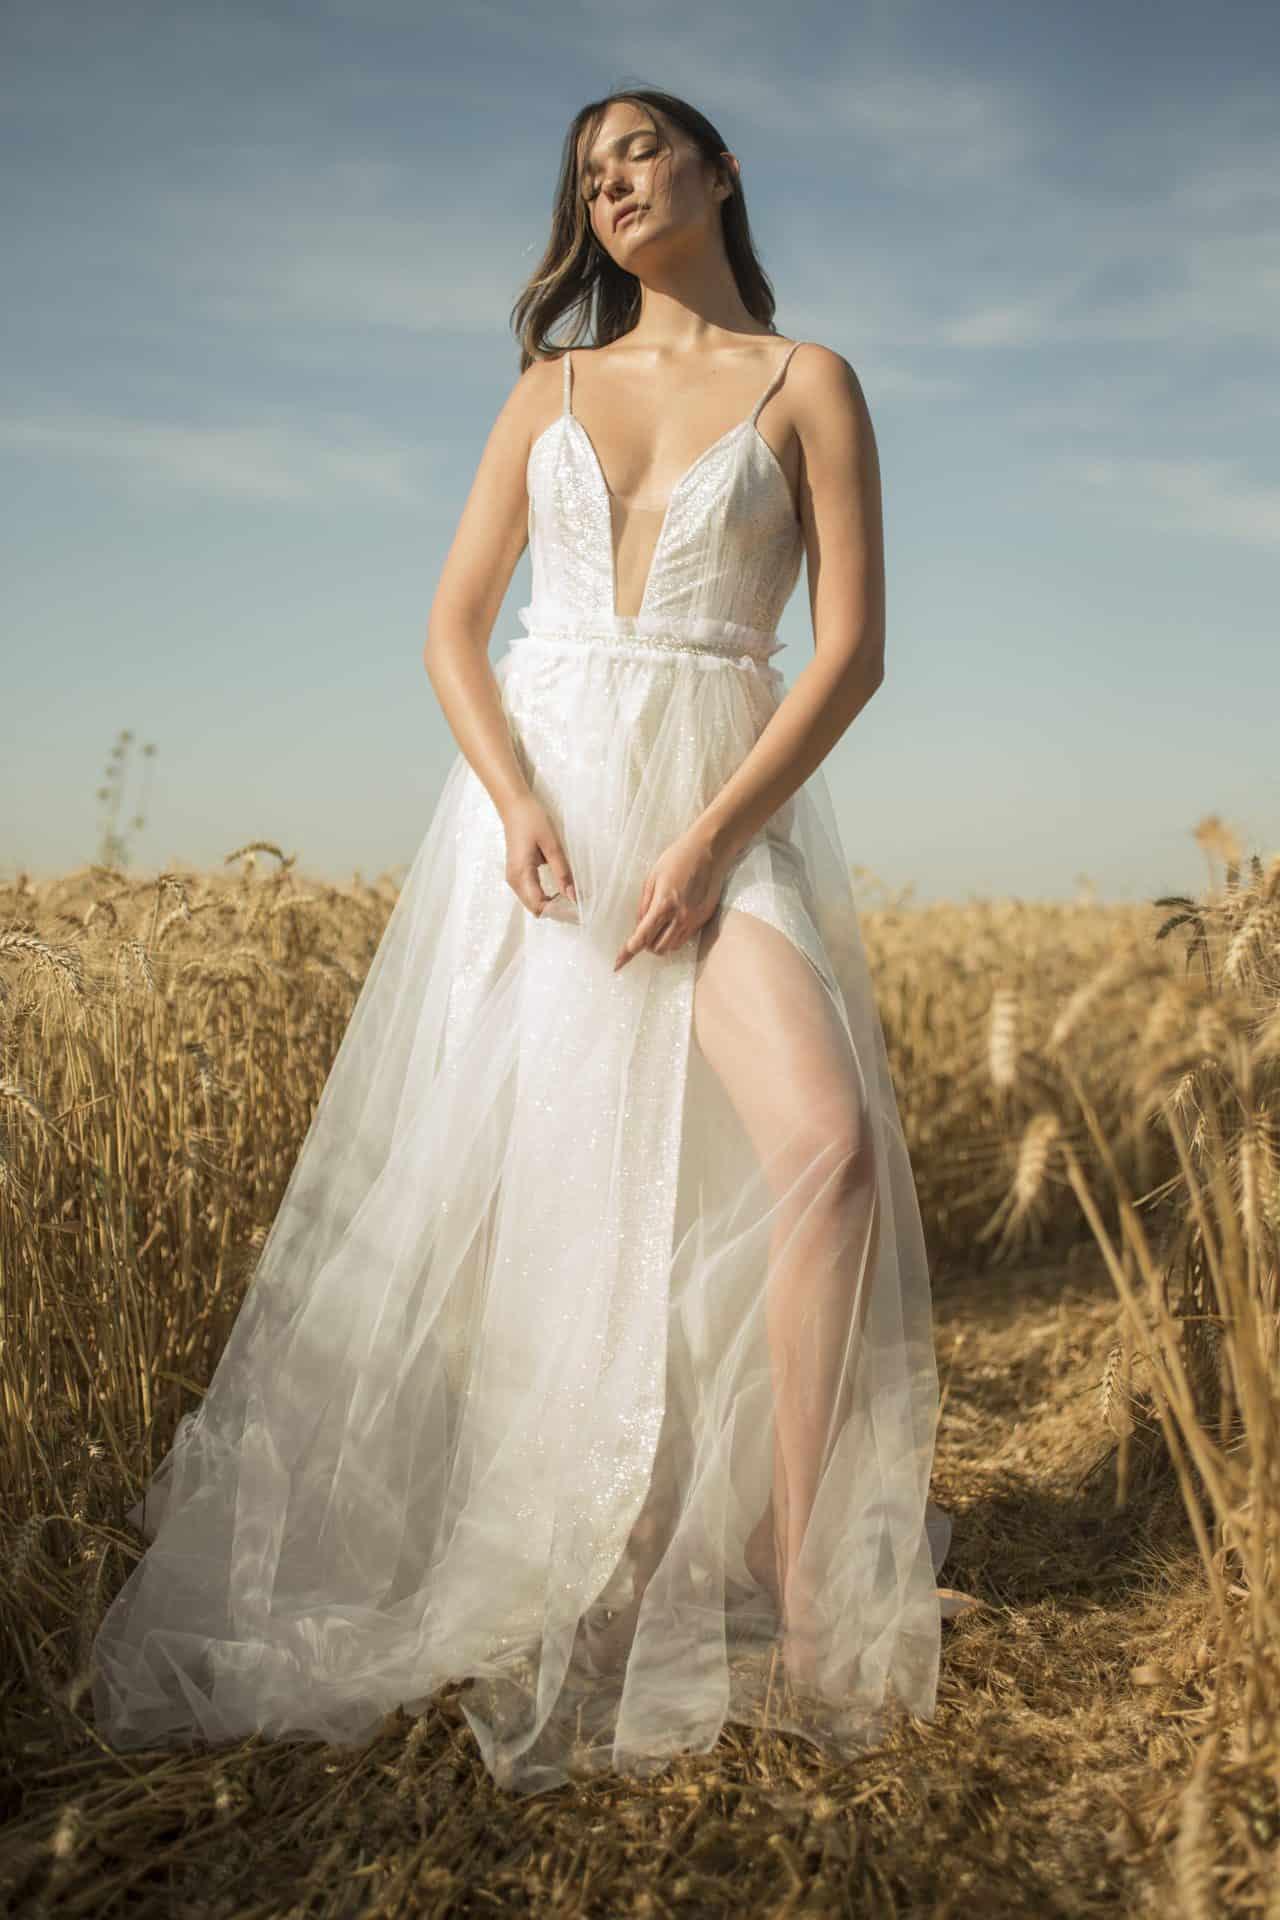 שמלת כלה- RAKEL DIER ; צילום- tom bickels